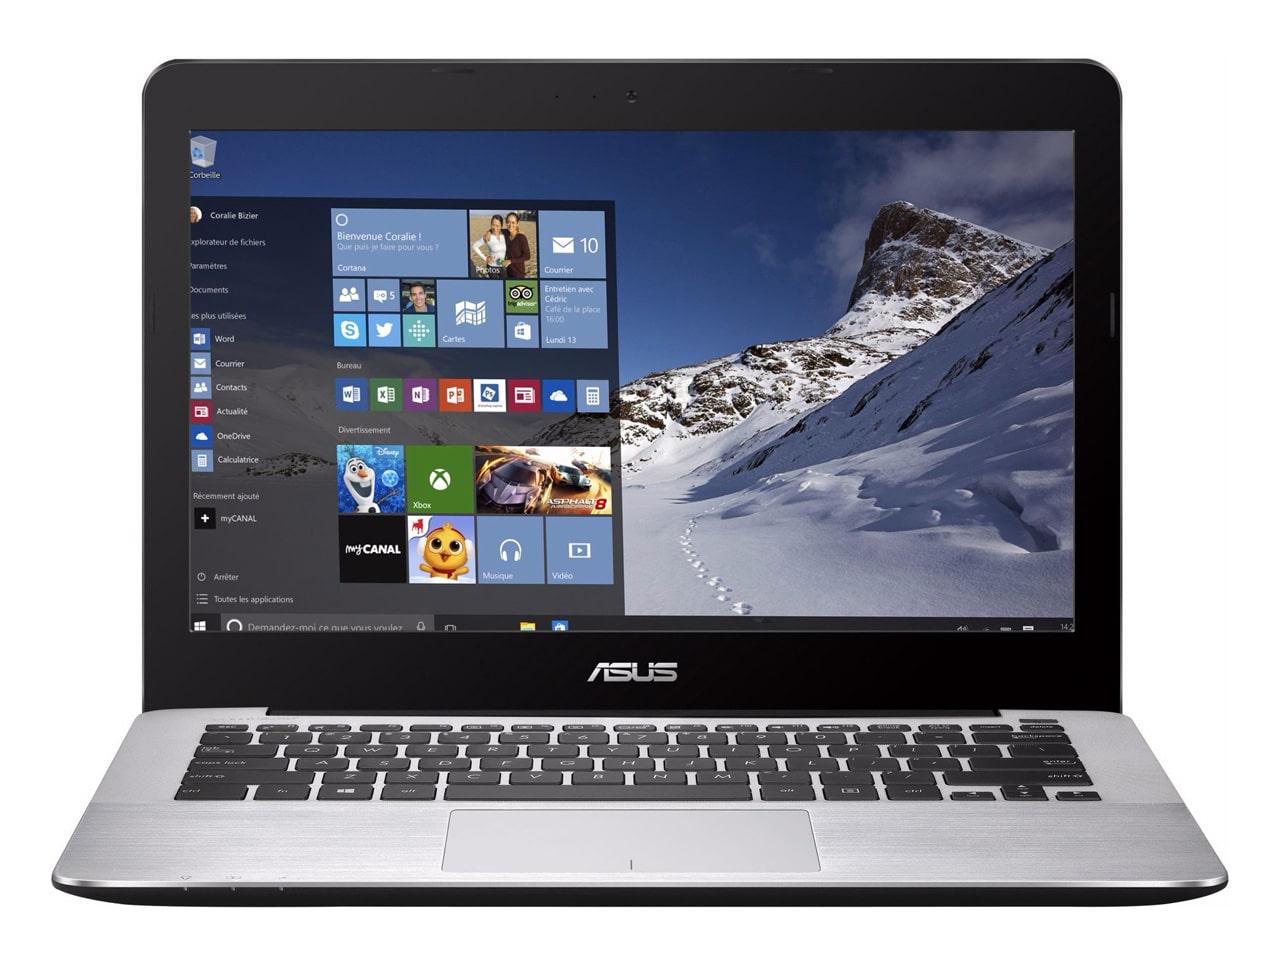 Asus R301UA-FN179T à 599€, ultraportable 13 pouces mat SSD Core i5 6 Go